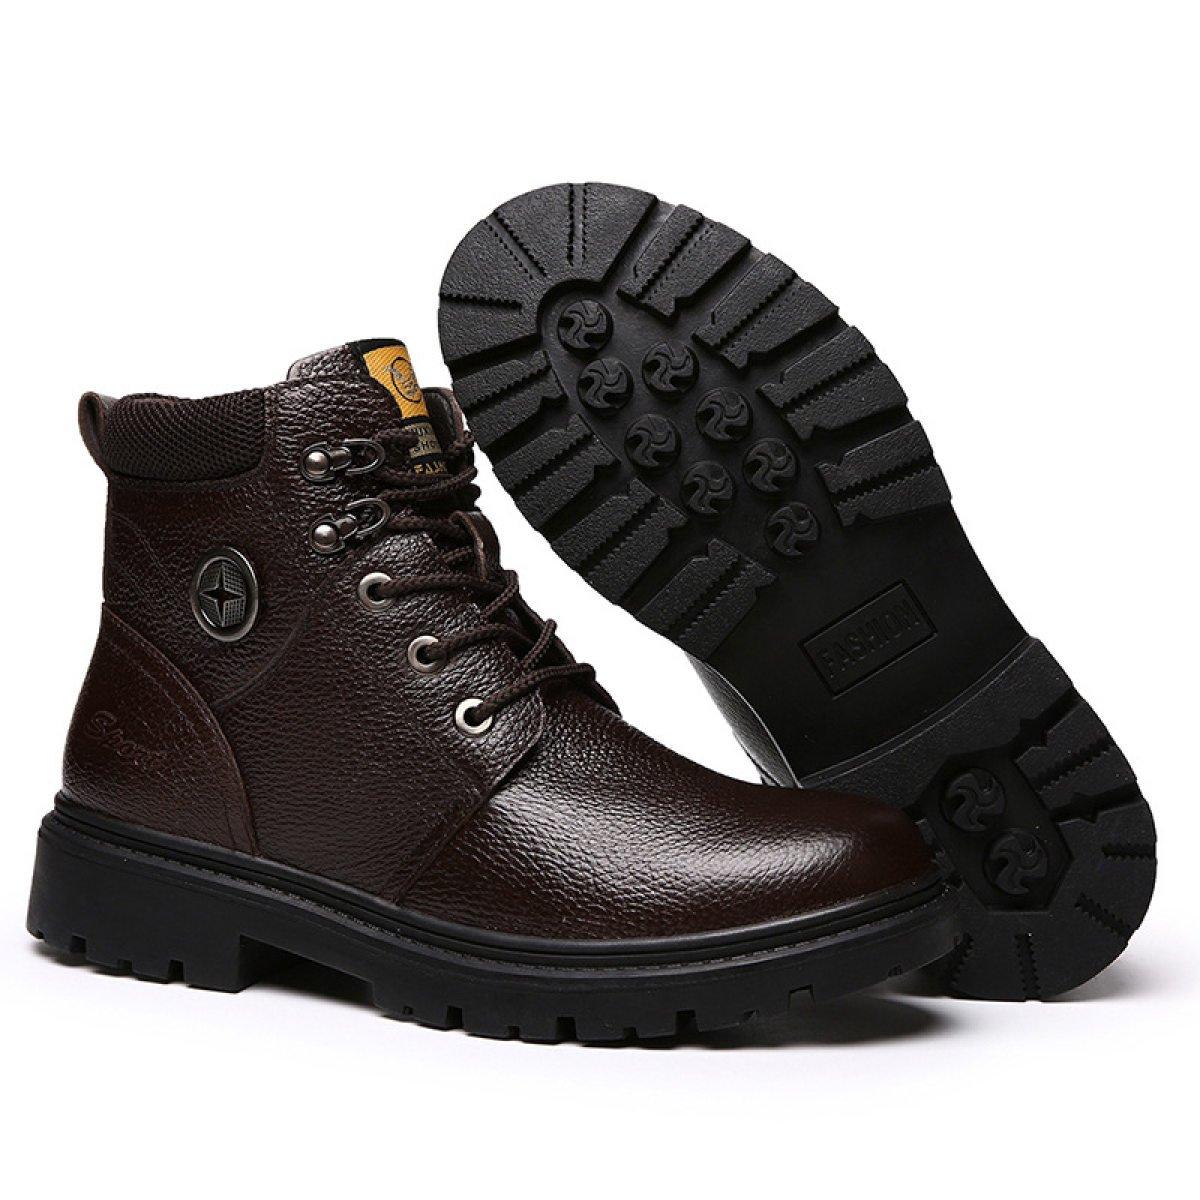 GTYMFH Martin Stiefel Lederstiefel Männer Baumwollschuhe Werkzeuge Hoch Hoch Hoch Zu Helfen Herrenschuhe Mode Stiefel 846c0d